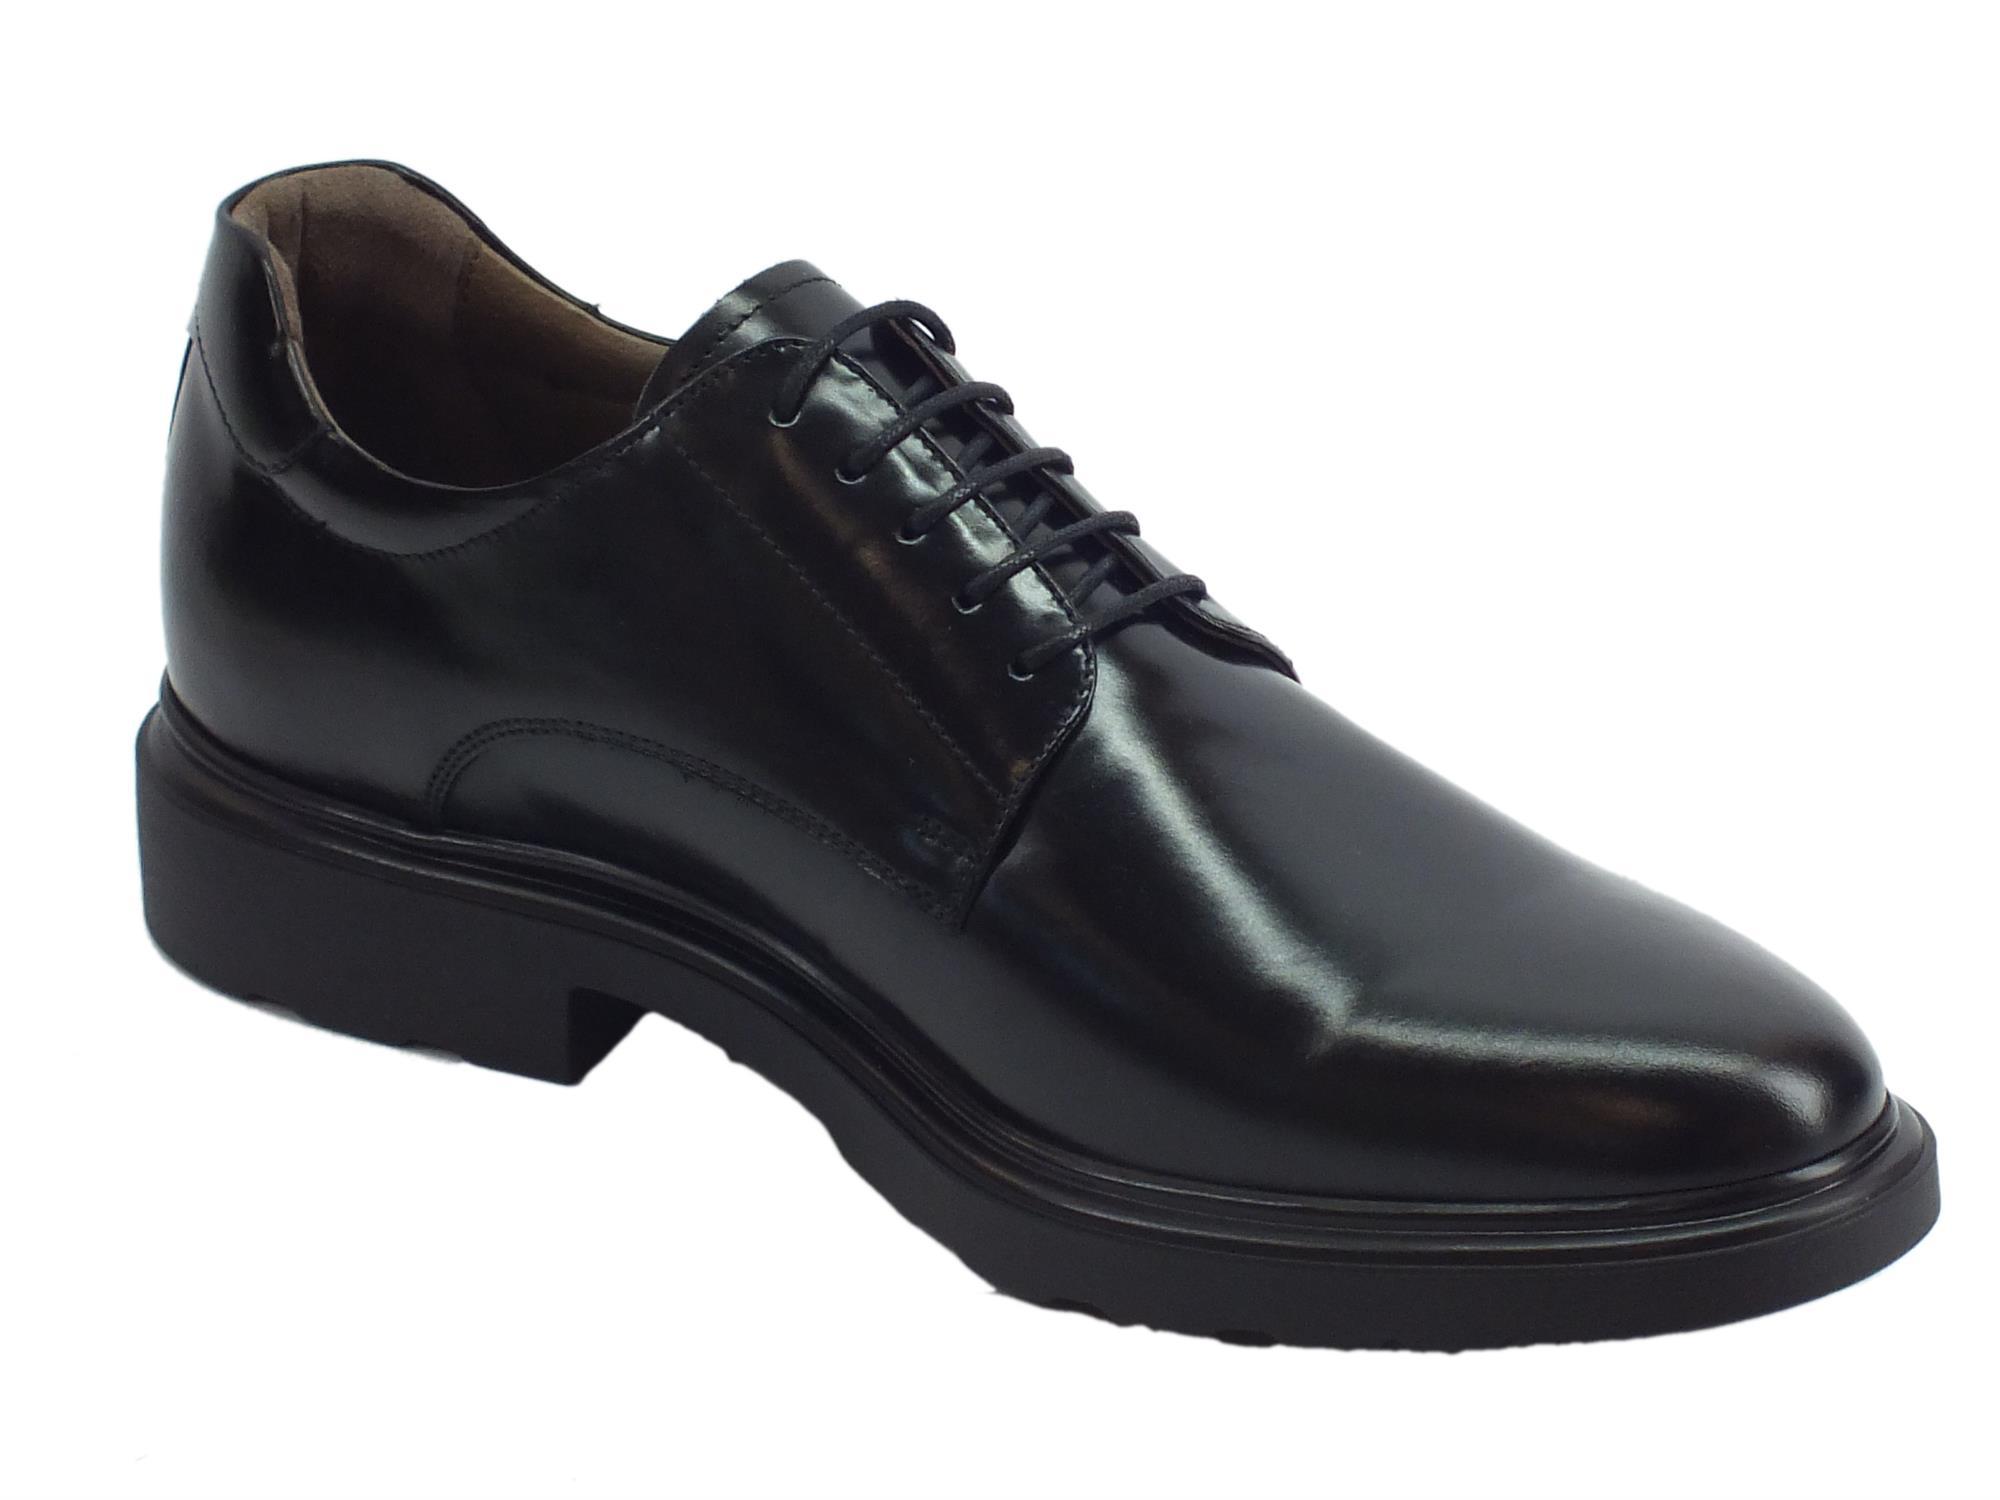 996870dfc3b3 ... Scarpe NeroGiardini per uomo in pelle abrasivata nero modello classico  ...